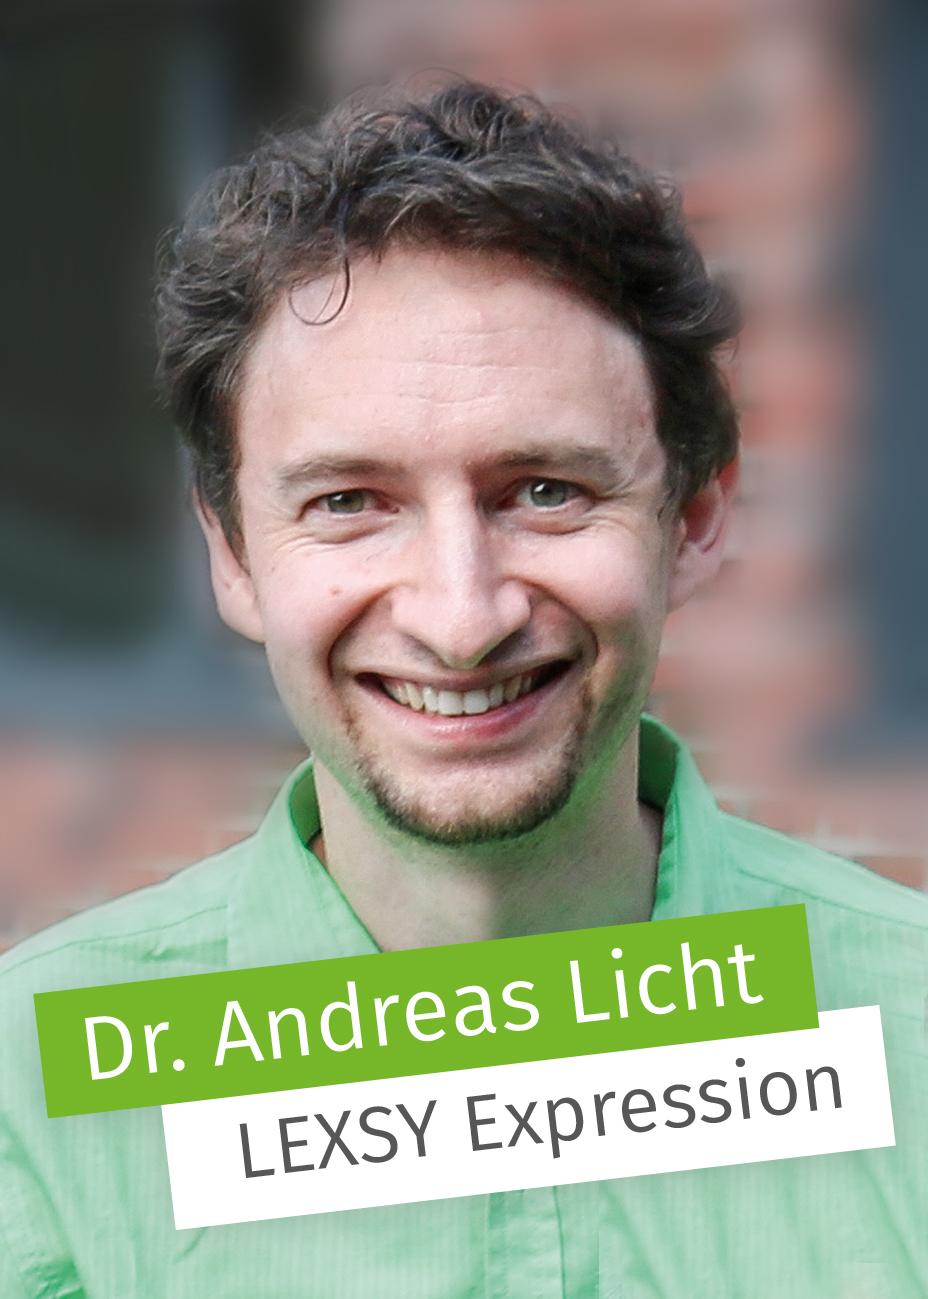 Dr. Andreas Licht Waldbach